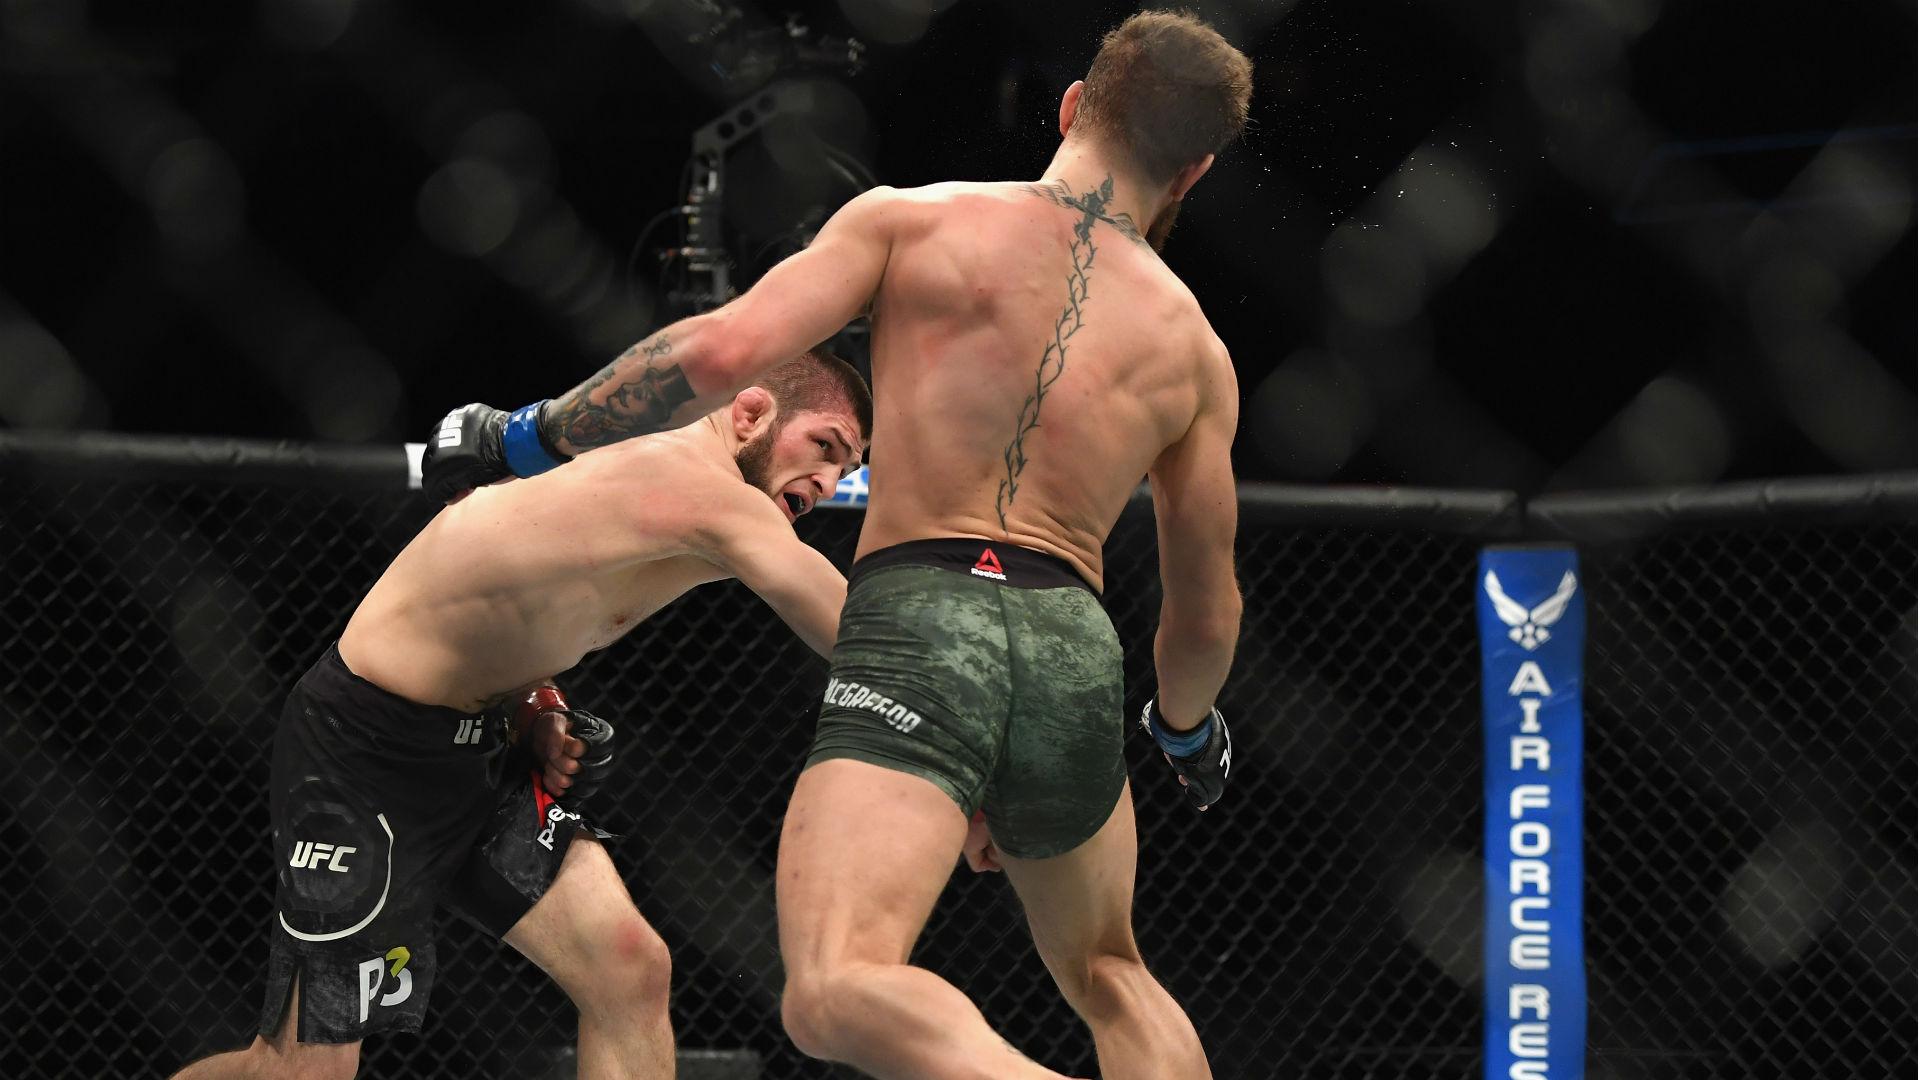 Conor McGregor wants Khabib Nurmagomedov rematch in Moscow